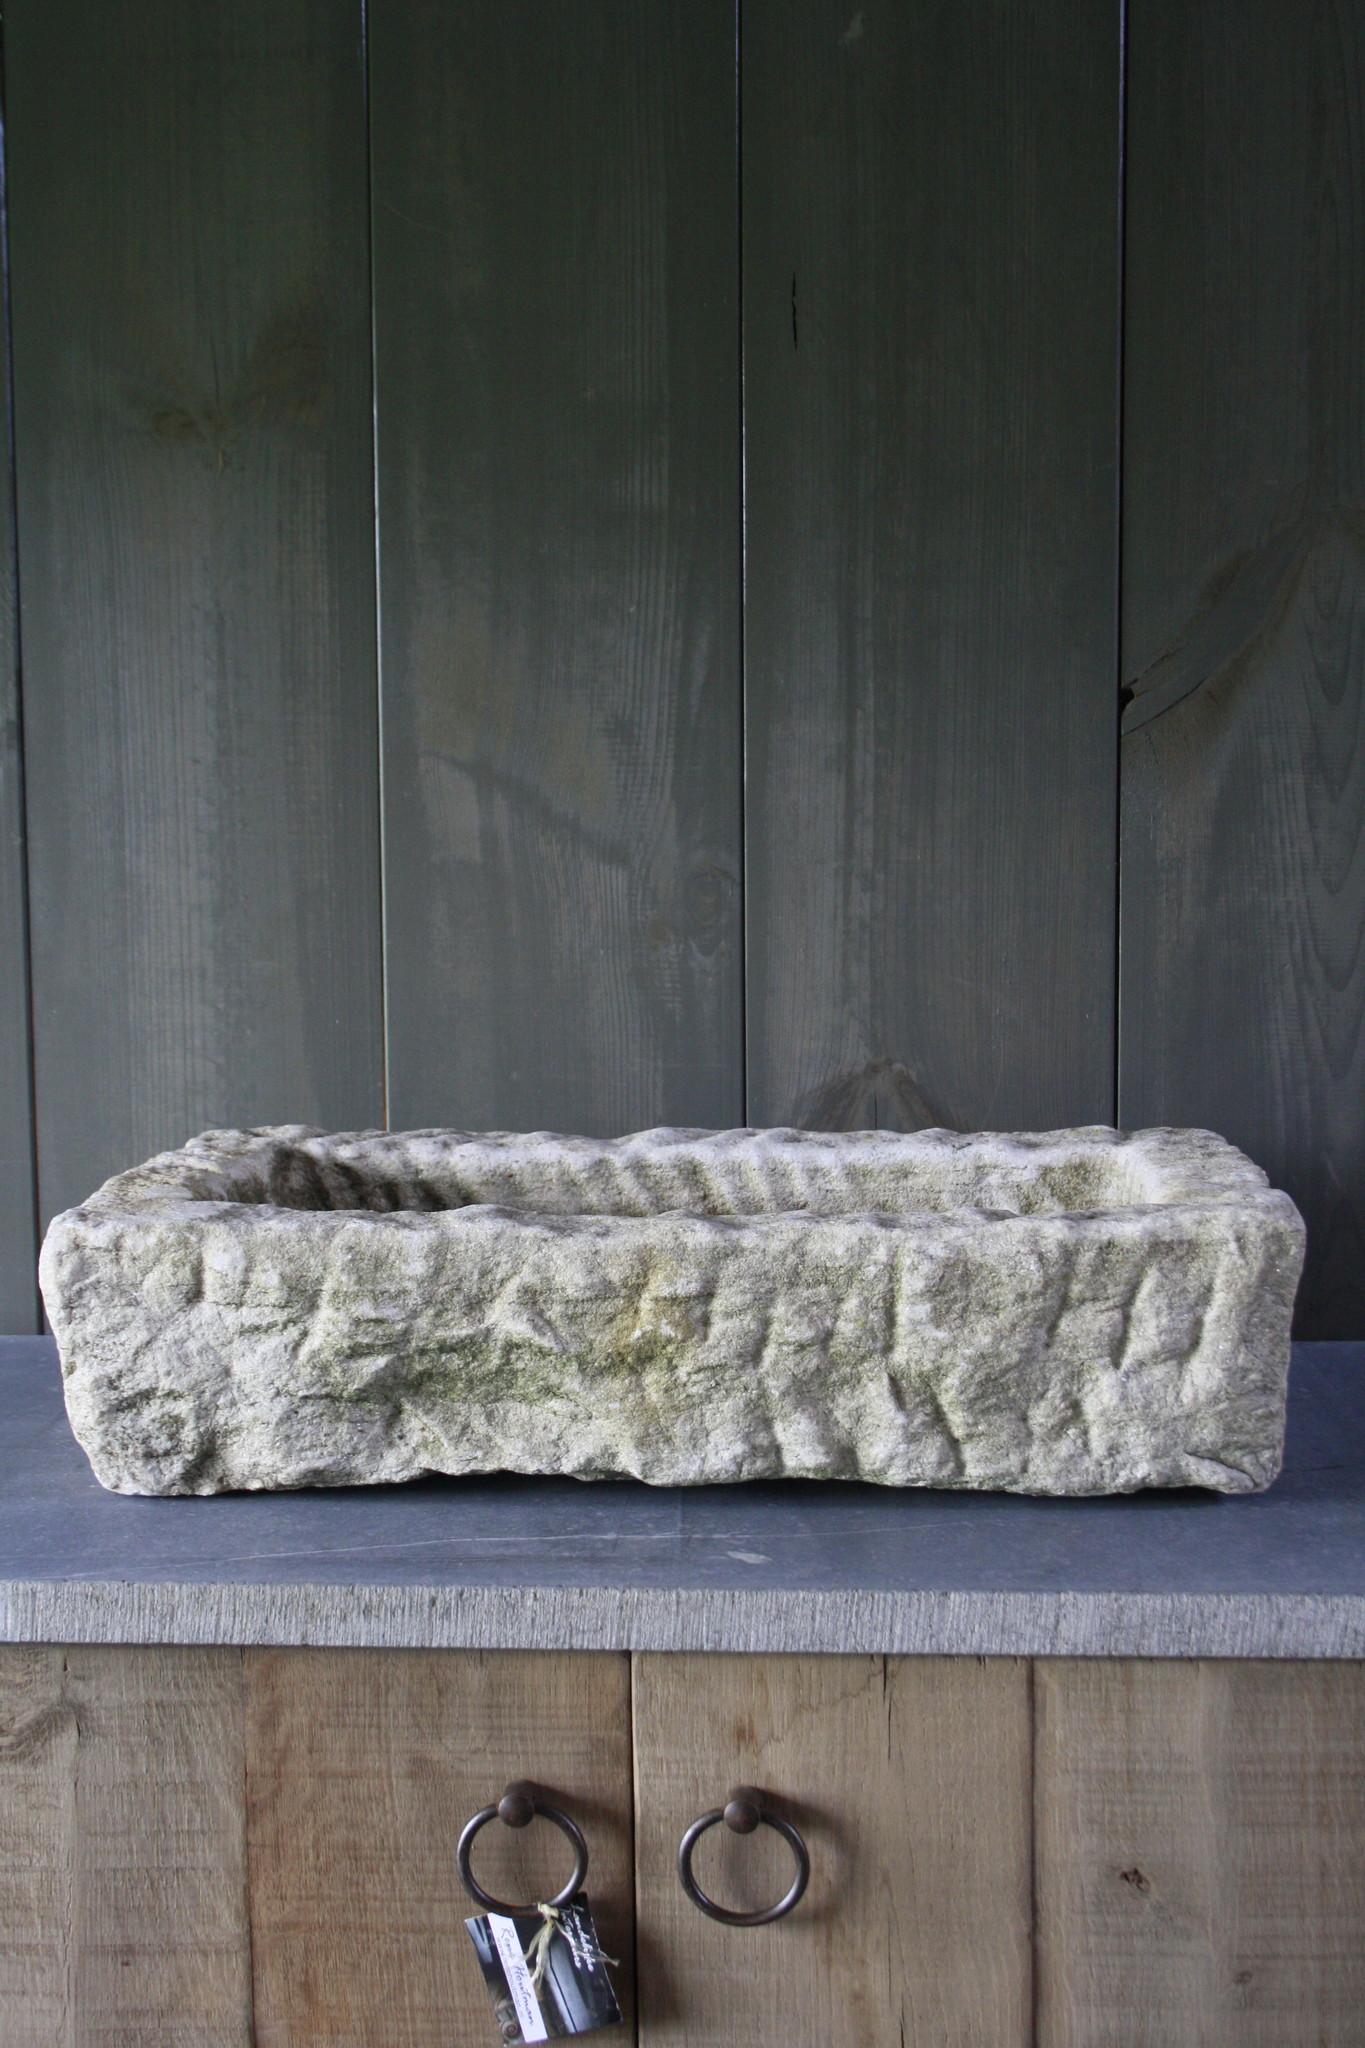 Nature oud wit stenen wasbak 60 cm x 30 cm-2